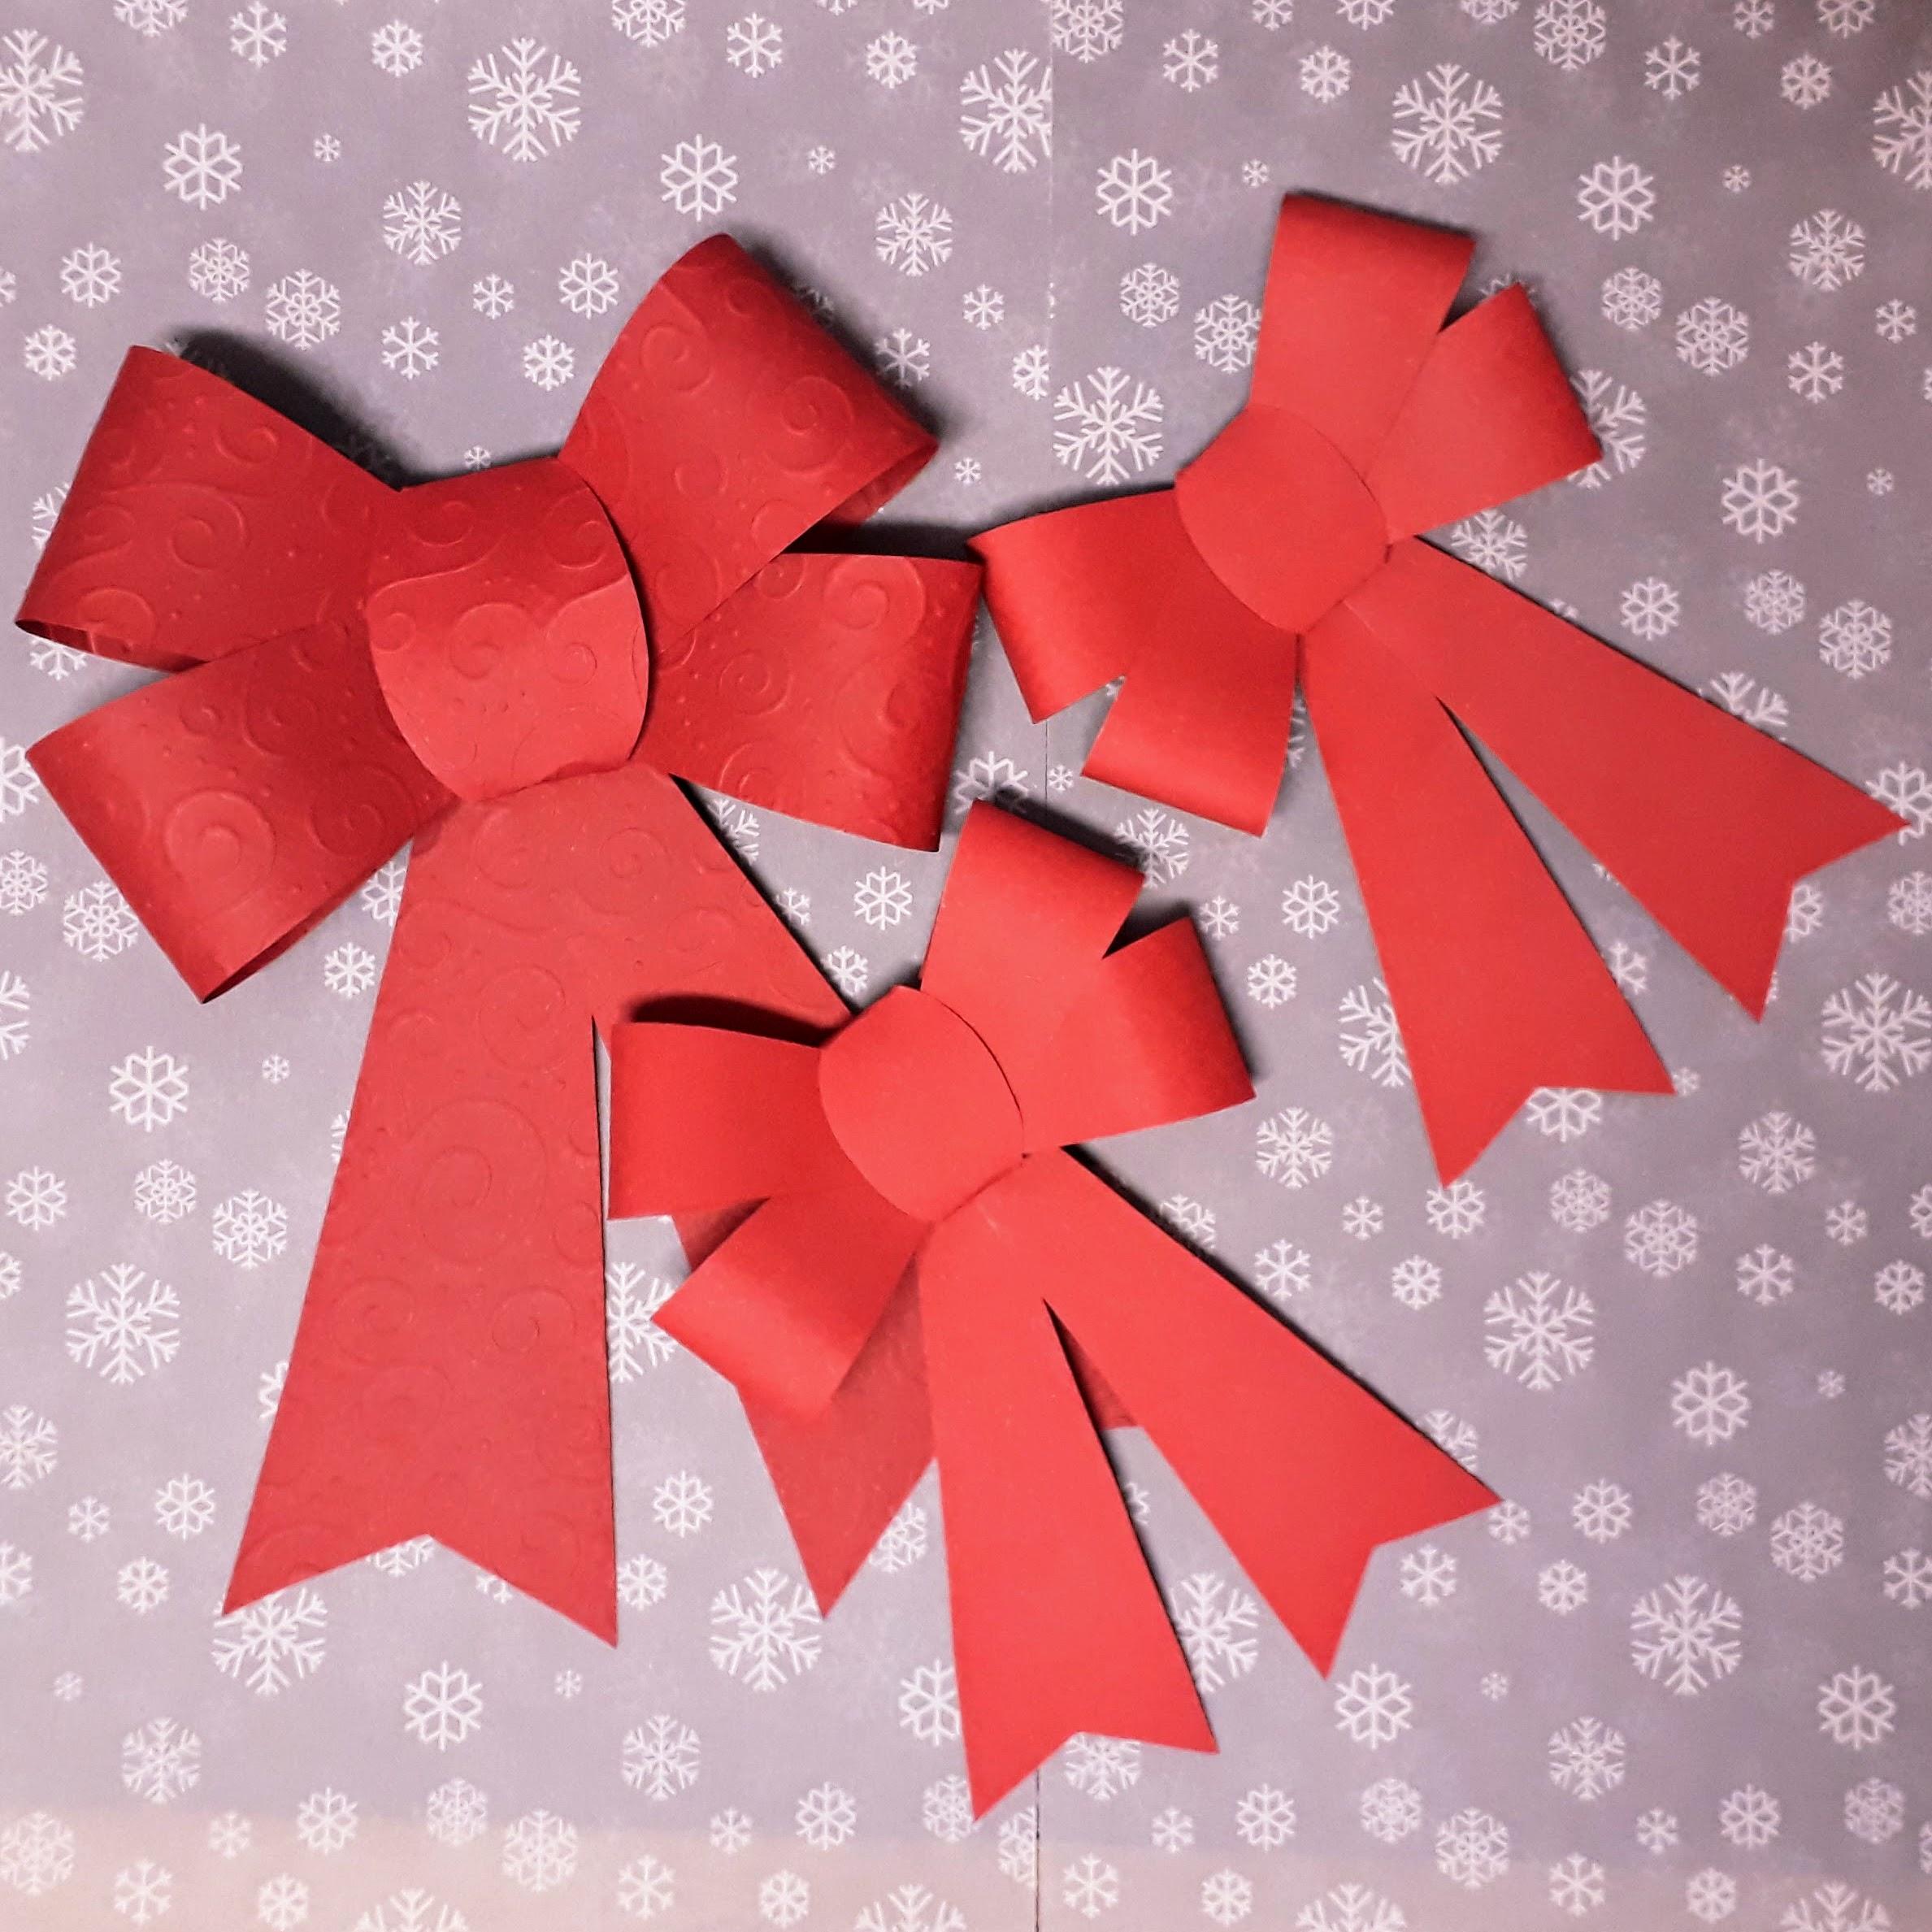 Papírová mašle - Vyrobte si sami